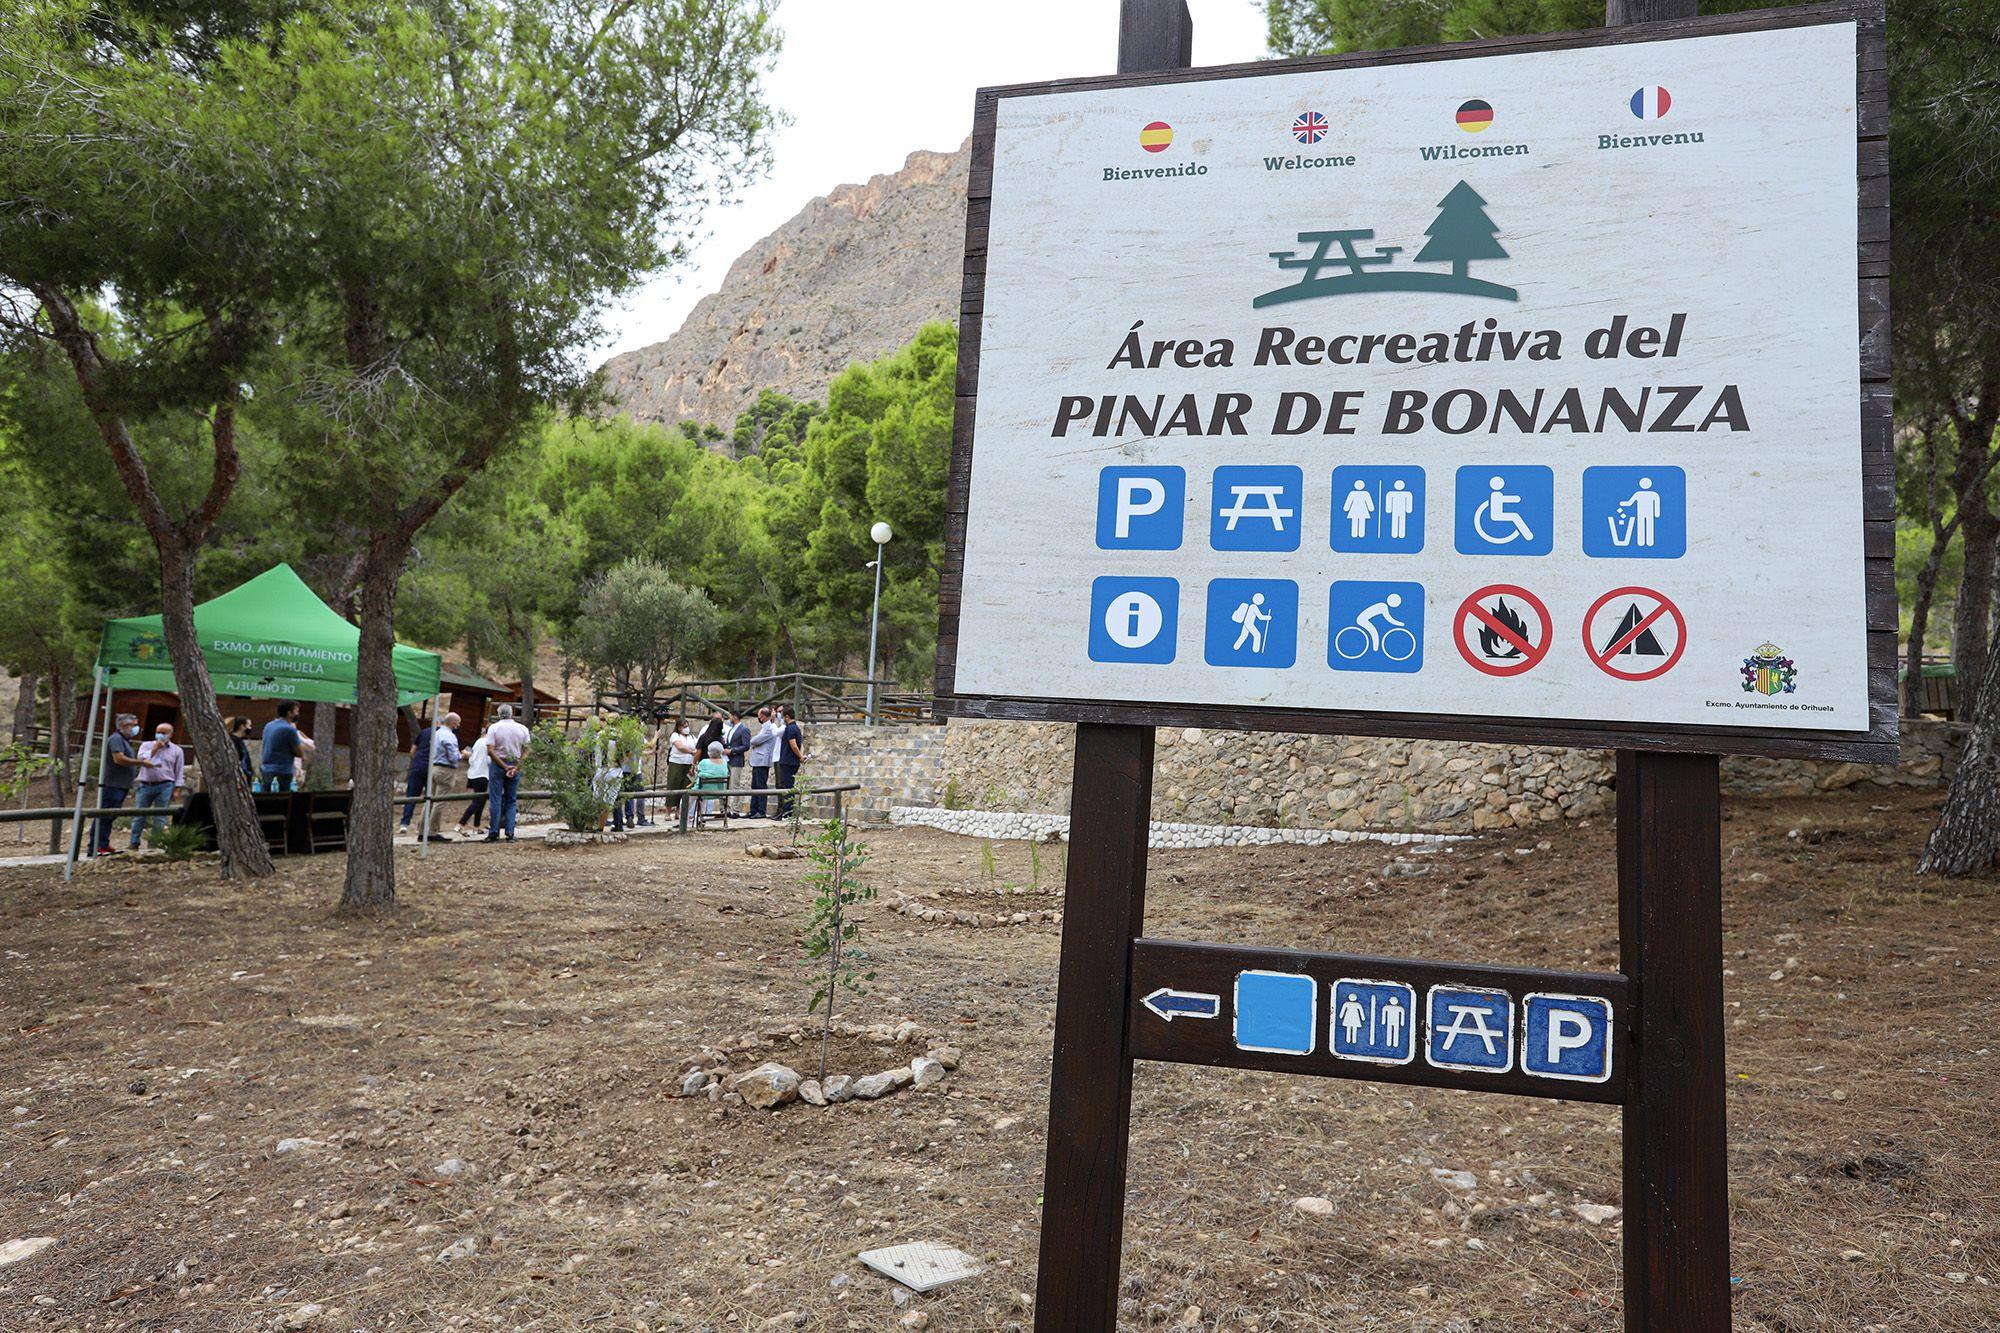 Rehabilitan el área recreativa de San Cristóbal en Pinar de Bonanza (Orihuela)